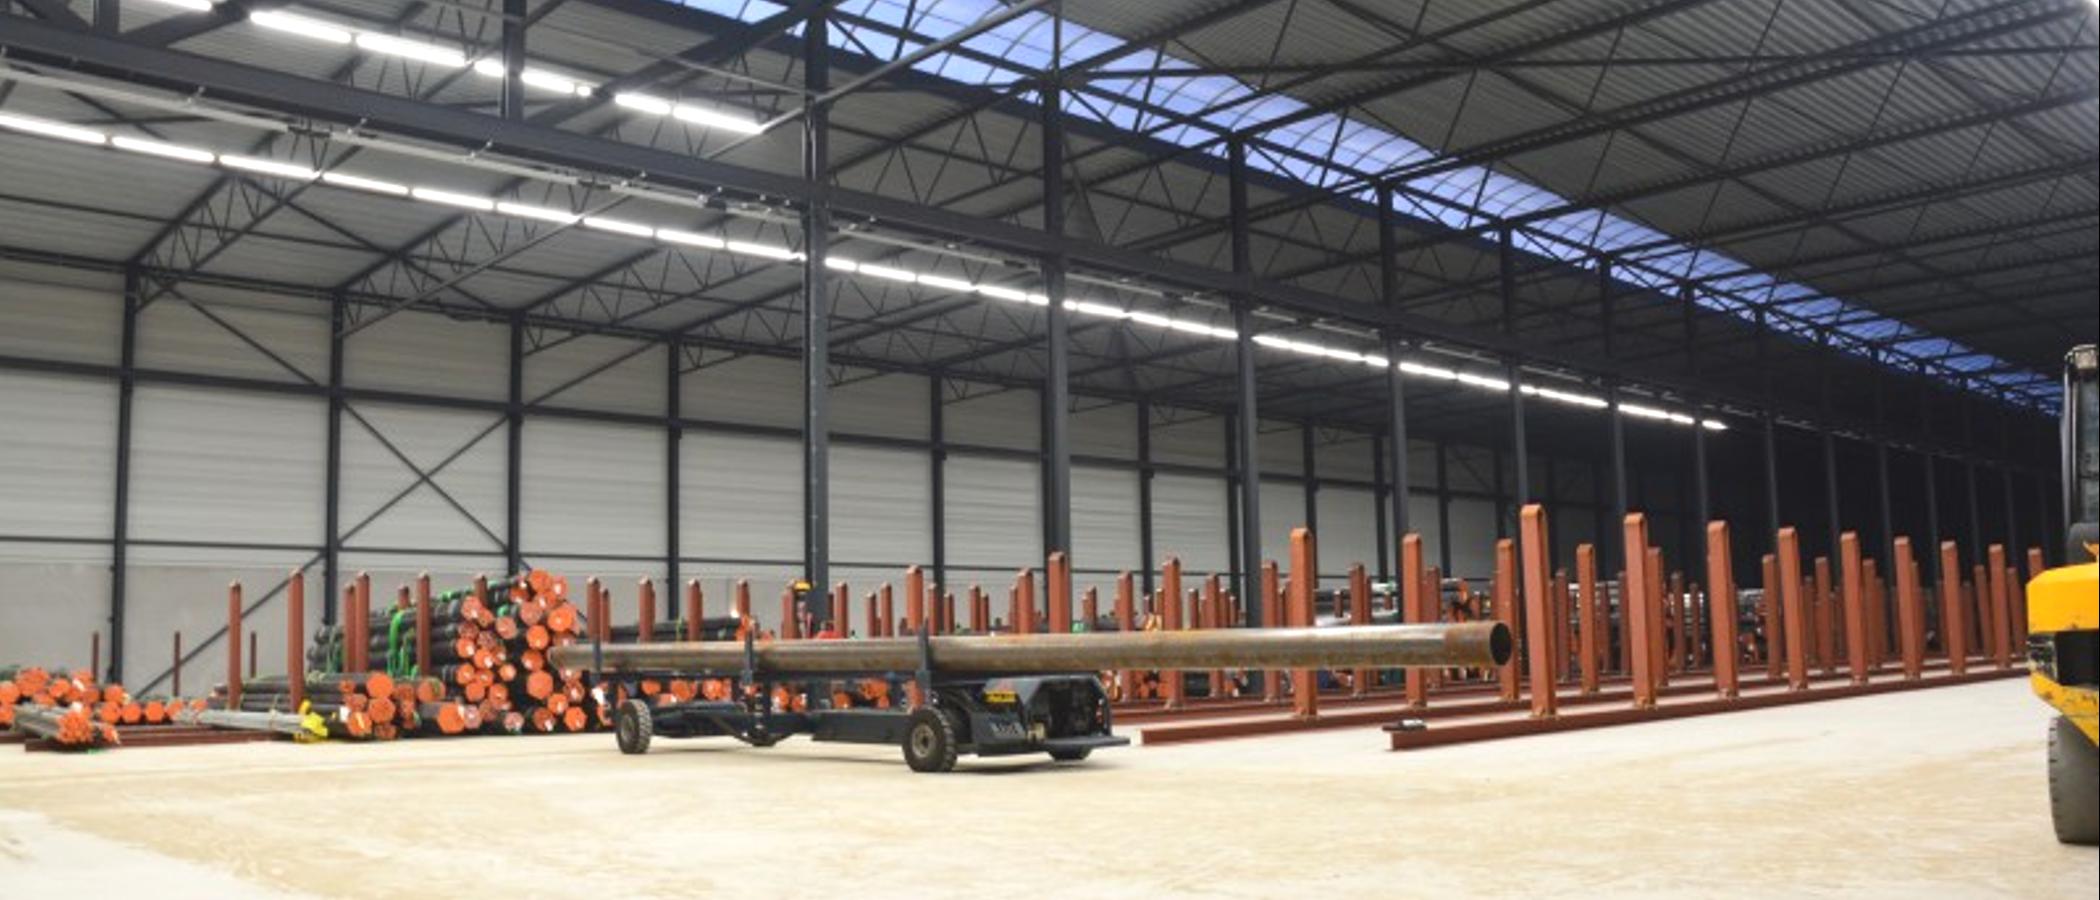 BAIYILED Atlas LED lijnverlichting geïnstalleerd in magazijn